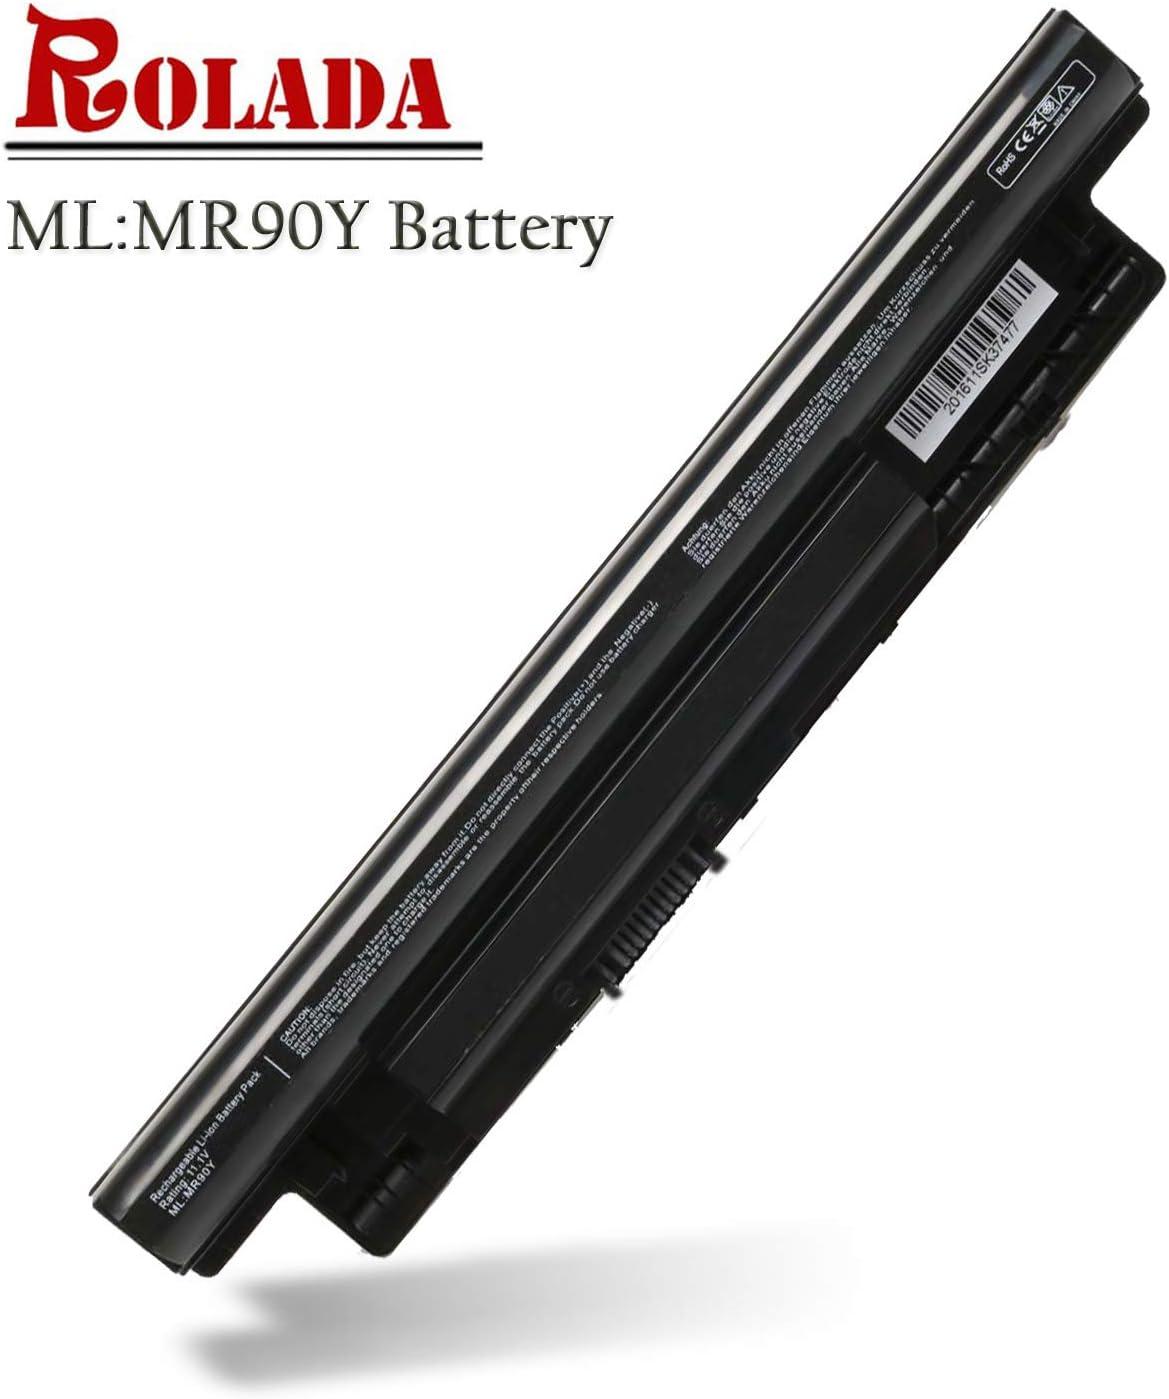 MR90Y New Laptop Battery for Dell Inspiron 14-3421 14-3437 14R-5421 14R-5437, 15-3521 15-3537 15R-5521 15R-5537, 17-3721 17-3737 17R-5721 17R-5737; PN: 0MF69 N121Y G35K4 MK1R0